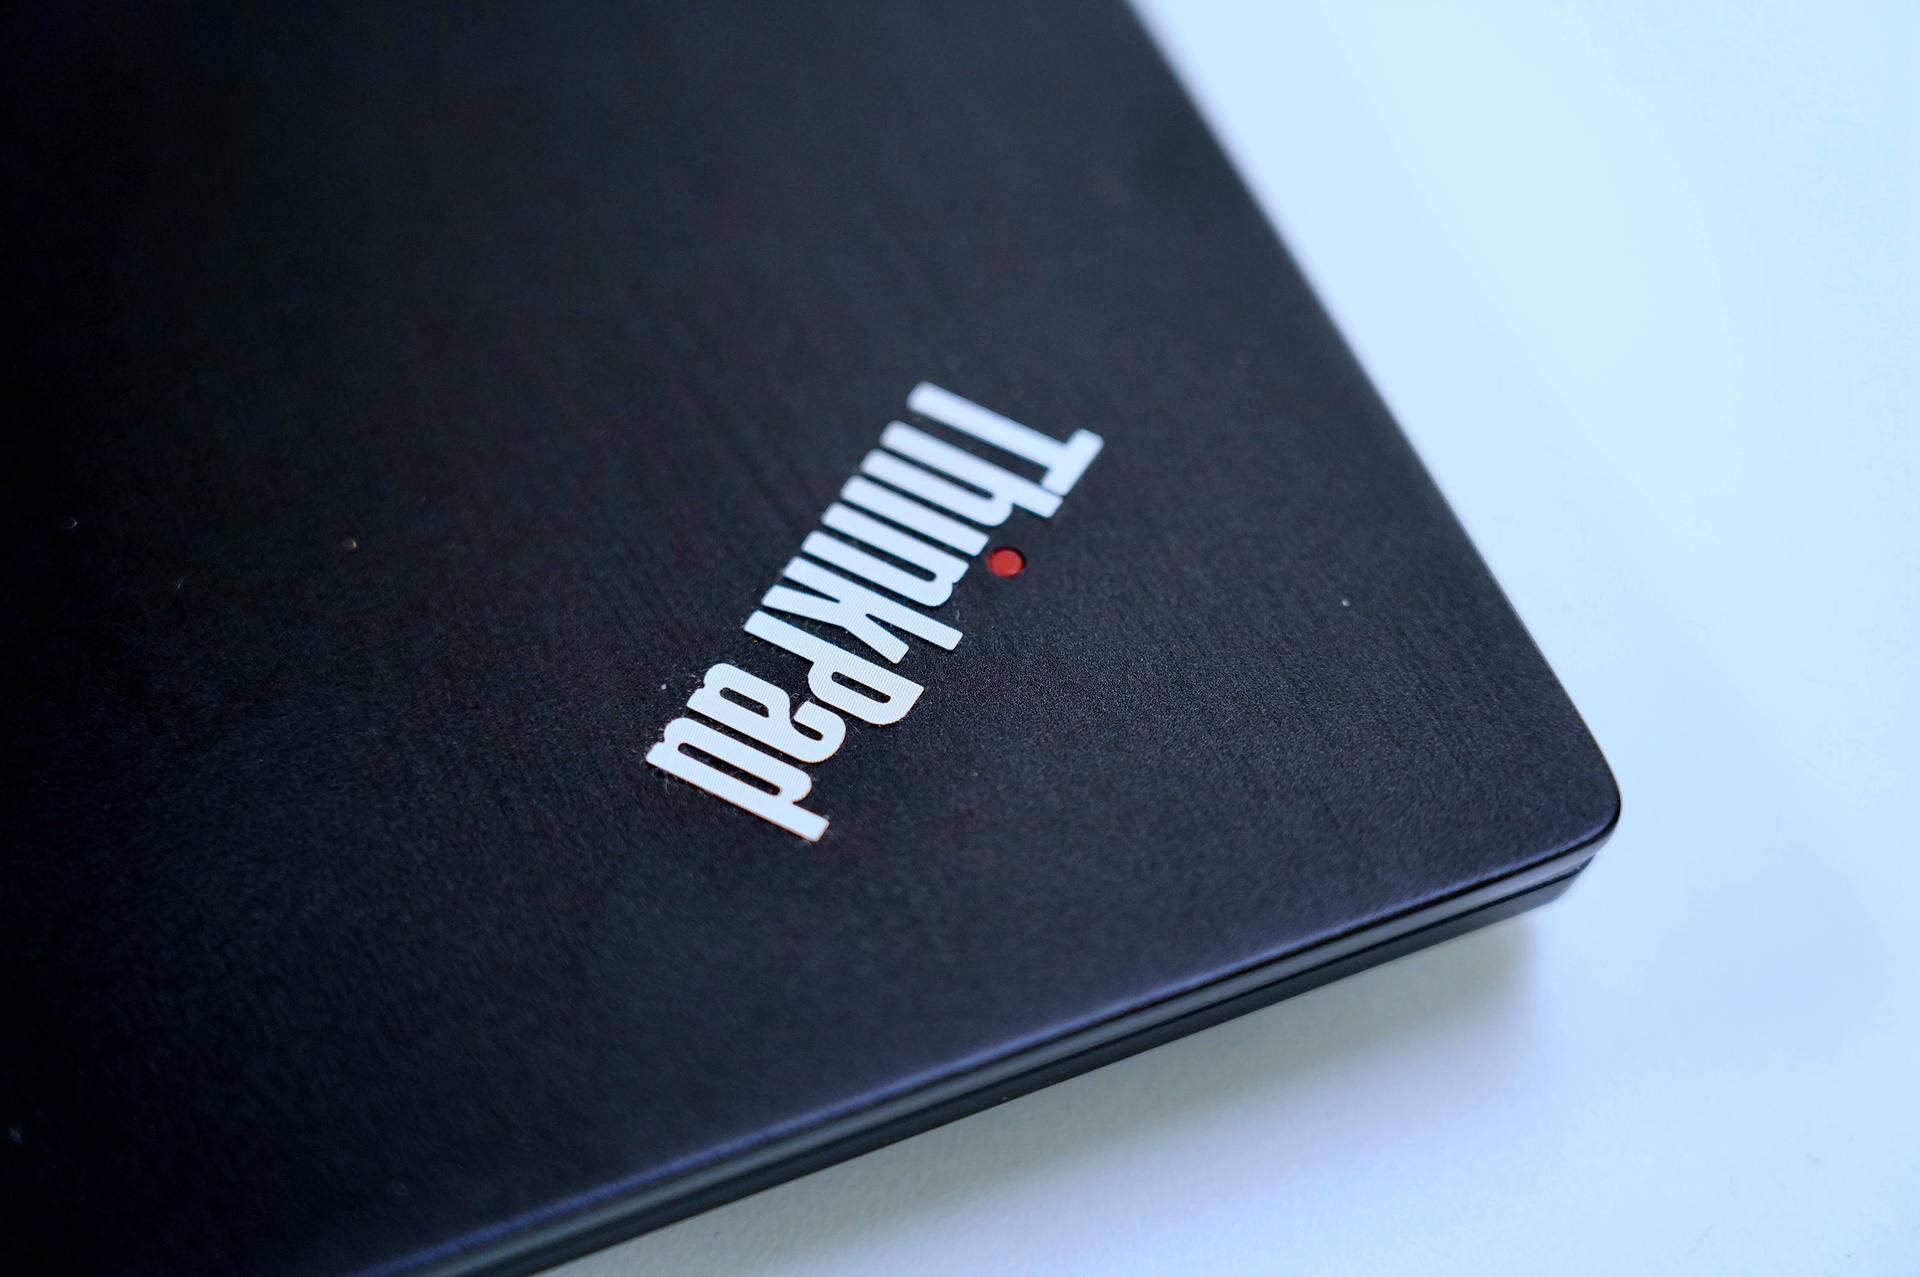 十代酷睿加持,ThinkPad S2 2020办公体验有何提升?